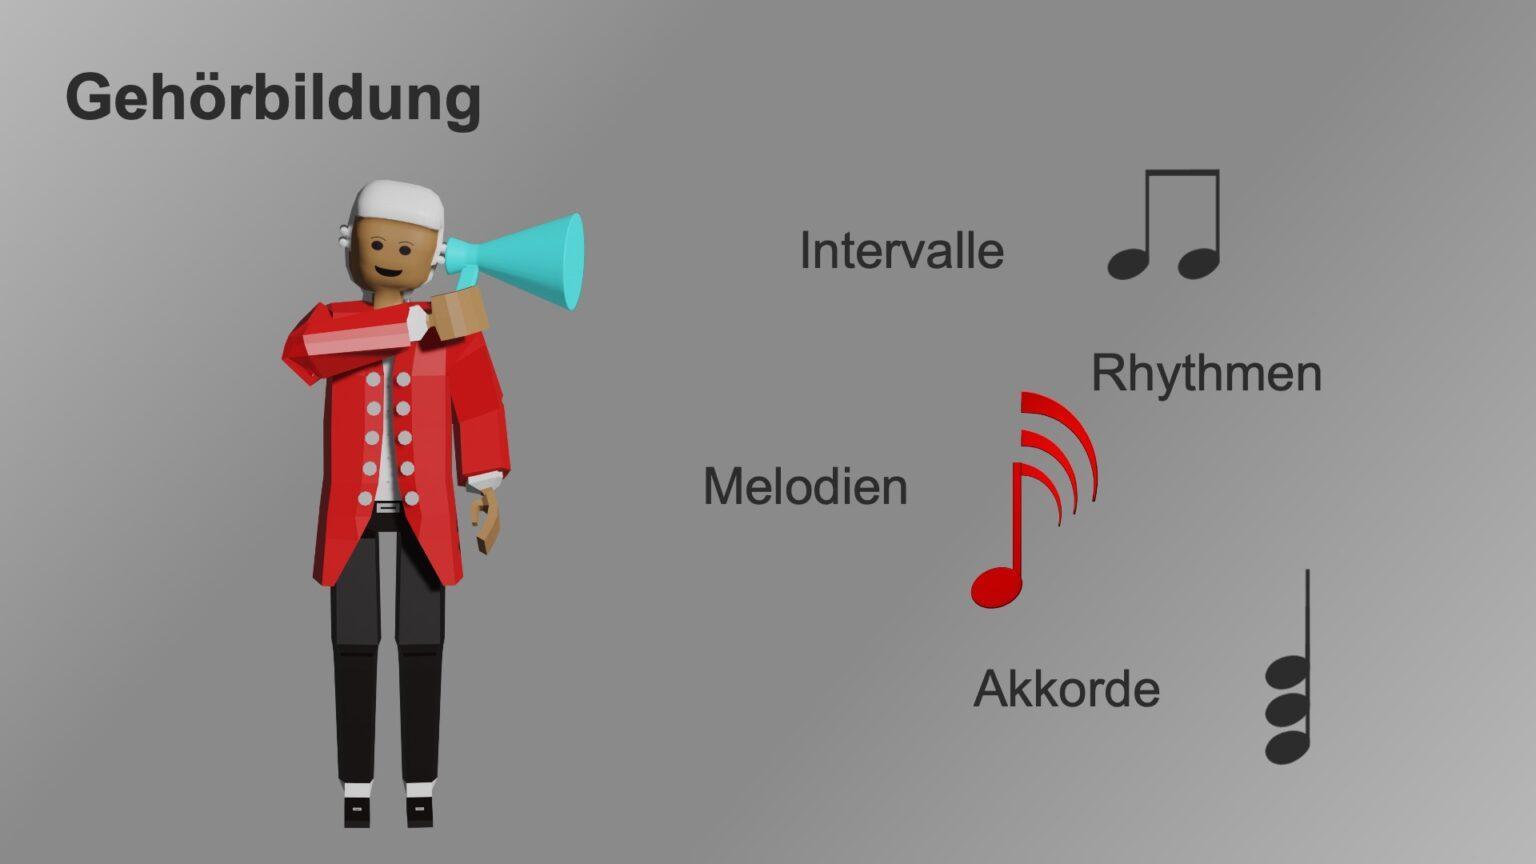 Das Kapitel Gehörbildung hilft Dir bei Musikprüfungen und außerdem lernst Du, Musikstücke nachzuspielen.